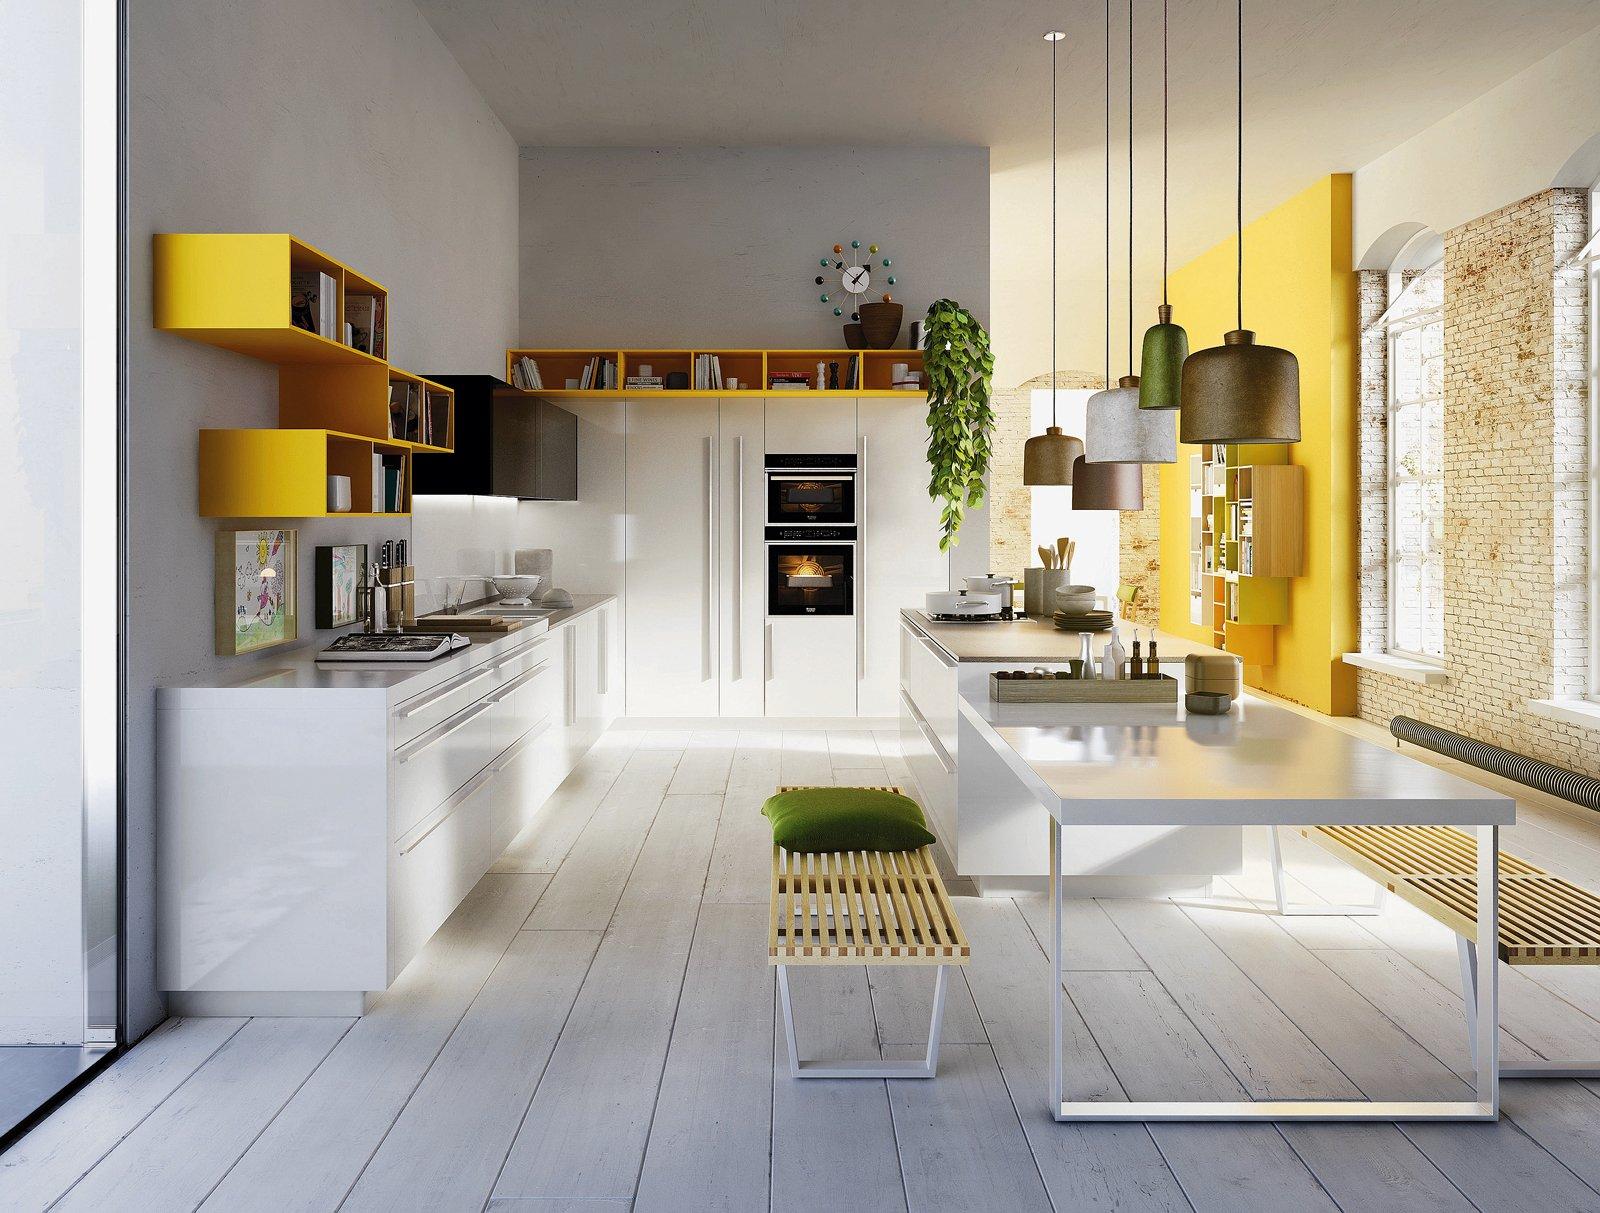 La cucina colorata un guizzo di vitalit cose di casa - Colorare pareti cucina ...